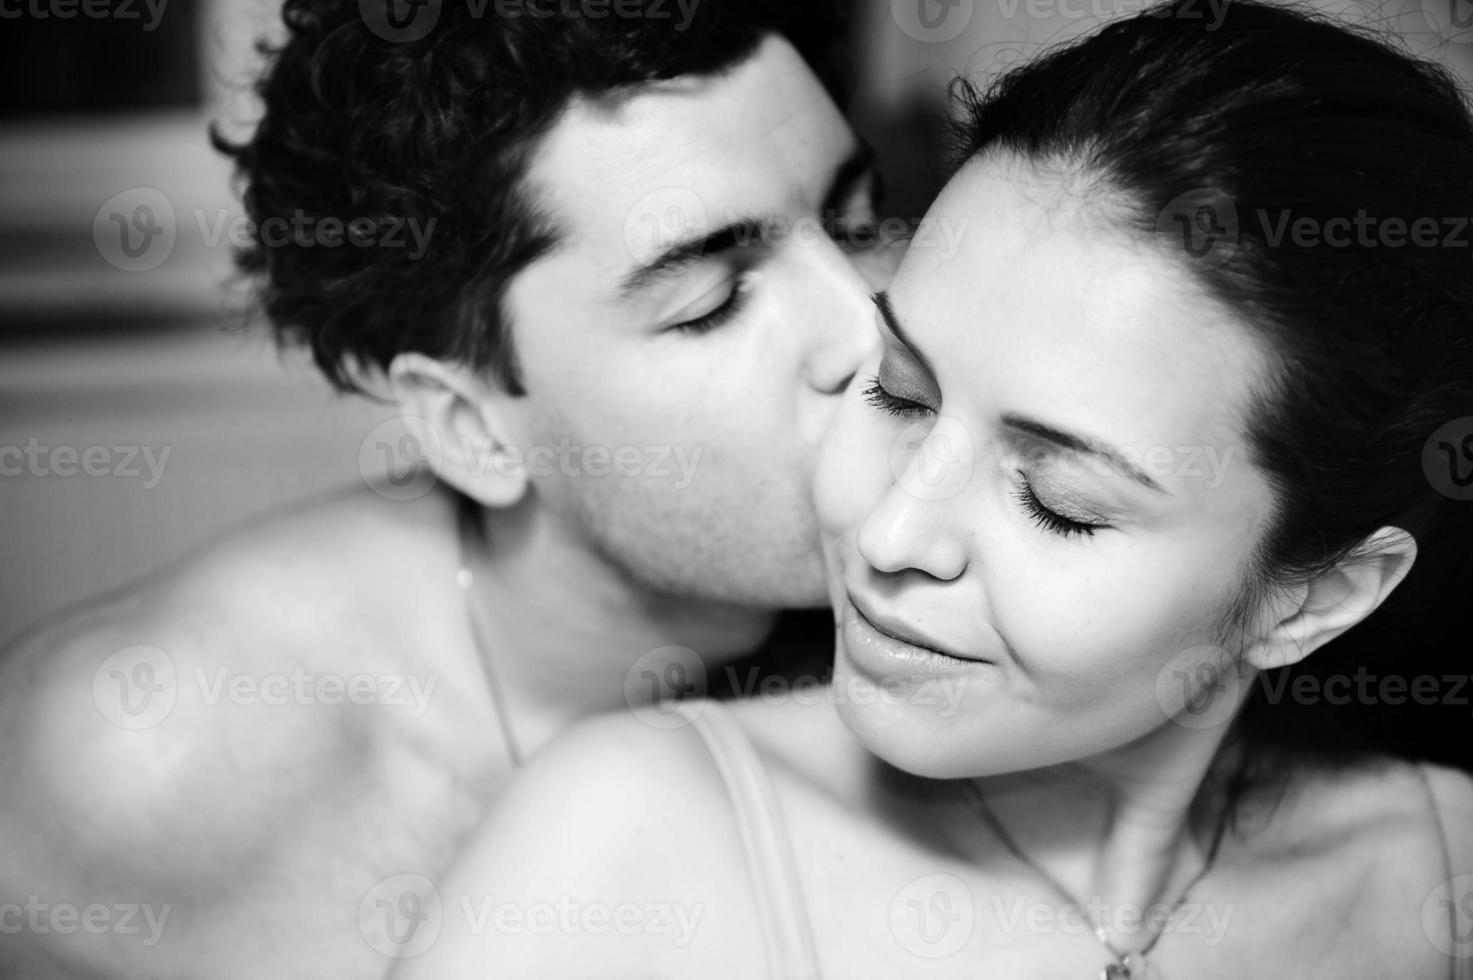 homem e mulher abraçando ternamente. foto